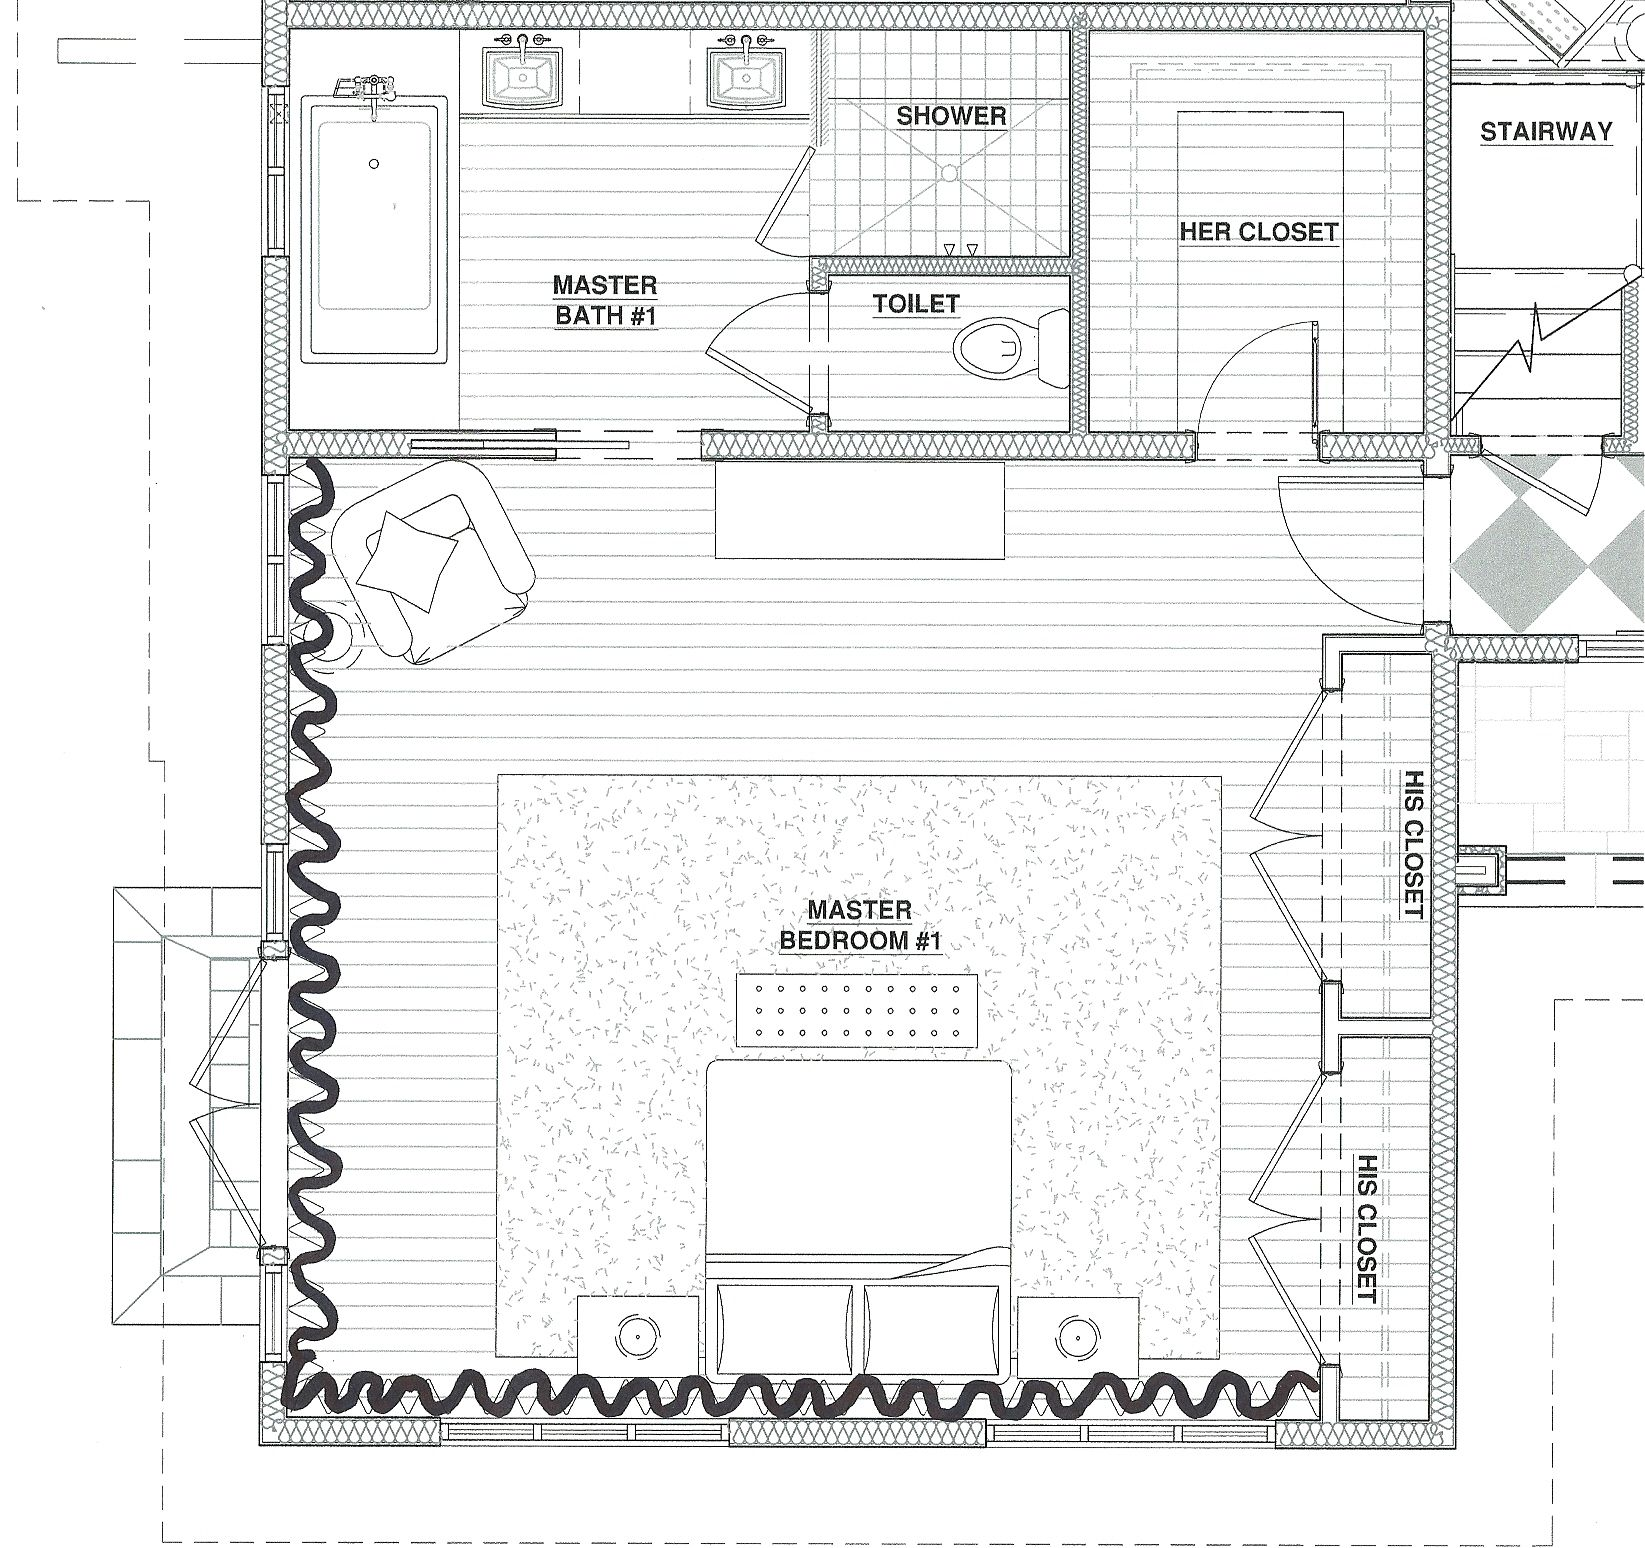 Master Bedroom Floor Plans Picture Gallery Of The Master Bedroom Floor Plan Idea Master Bedroom Floor Plan Ideas Master Bedroom Plans Master Suite Floor Plan